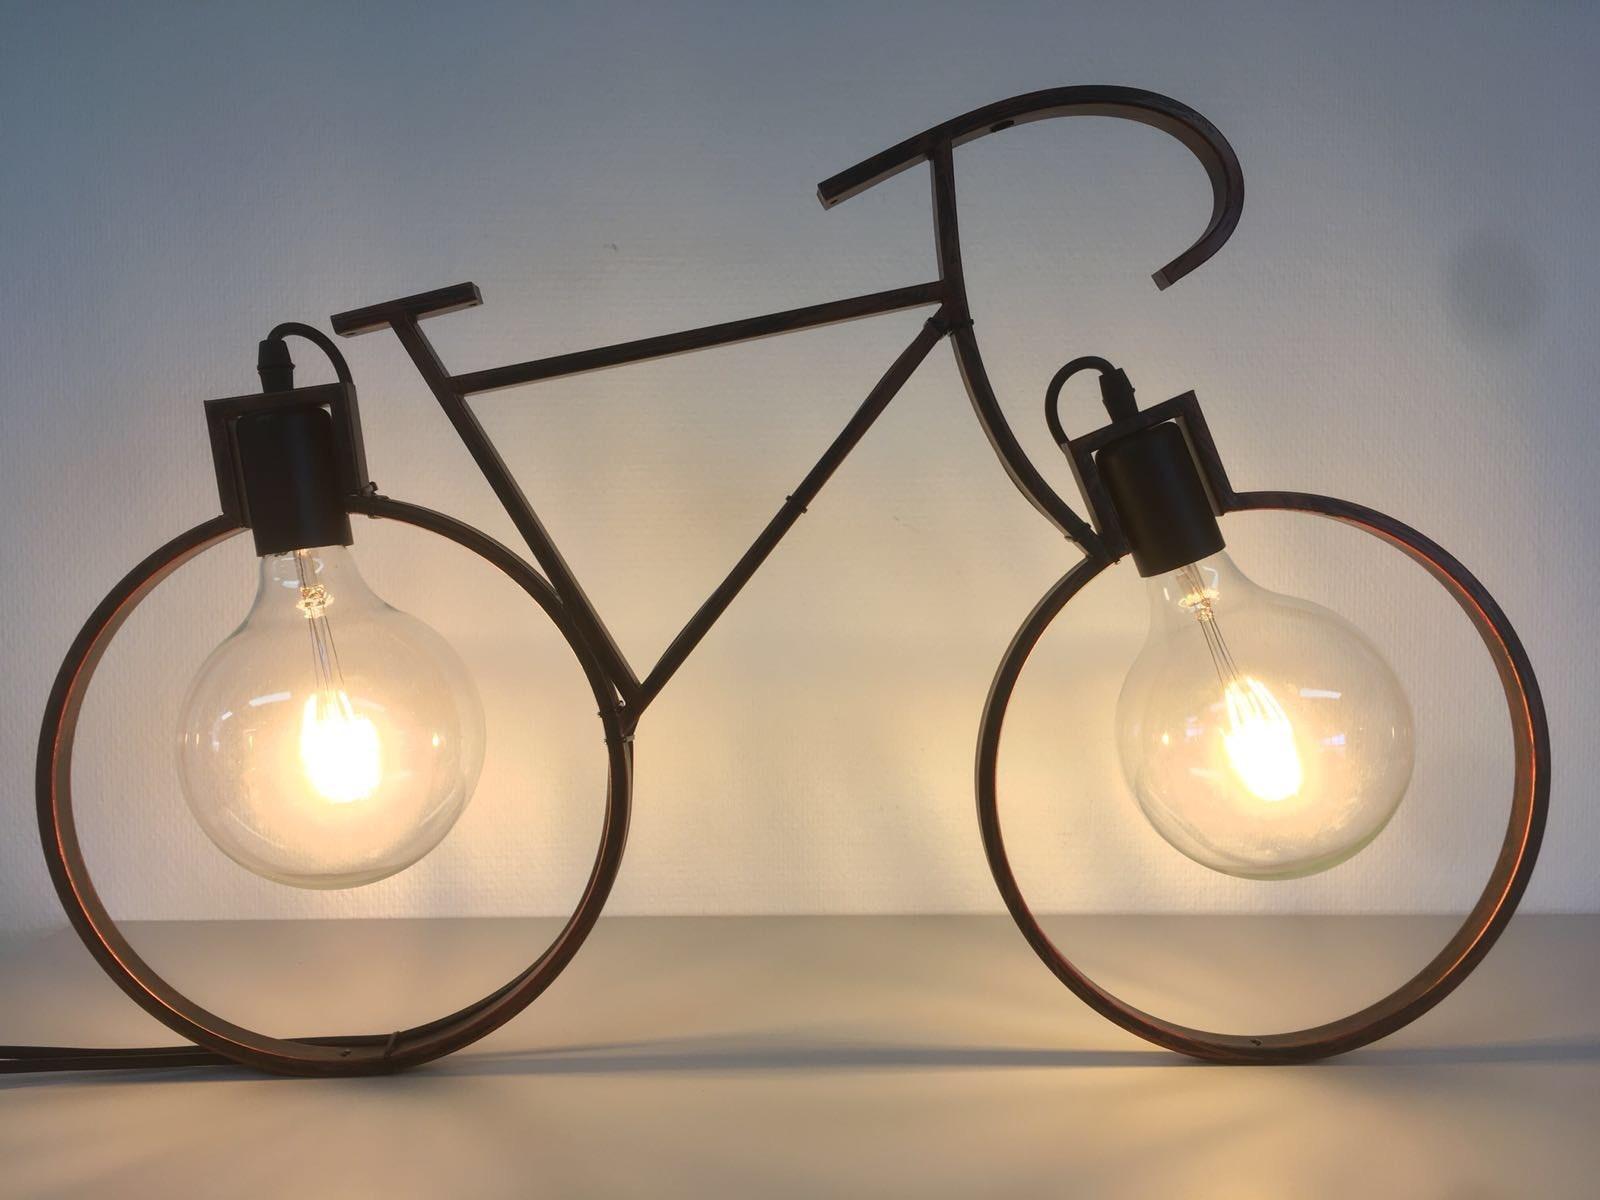 VintageLed I-Bike-1768176876843564-33